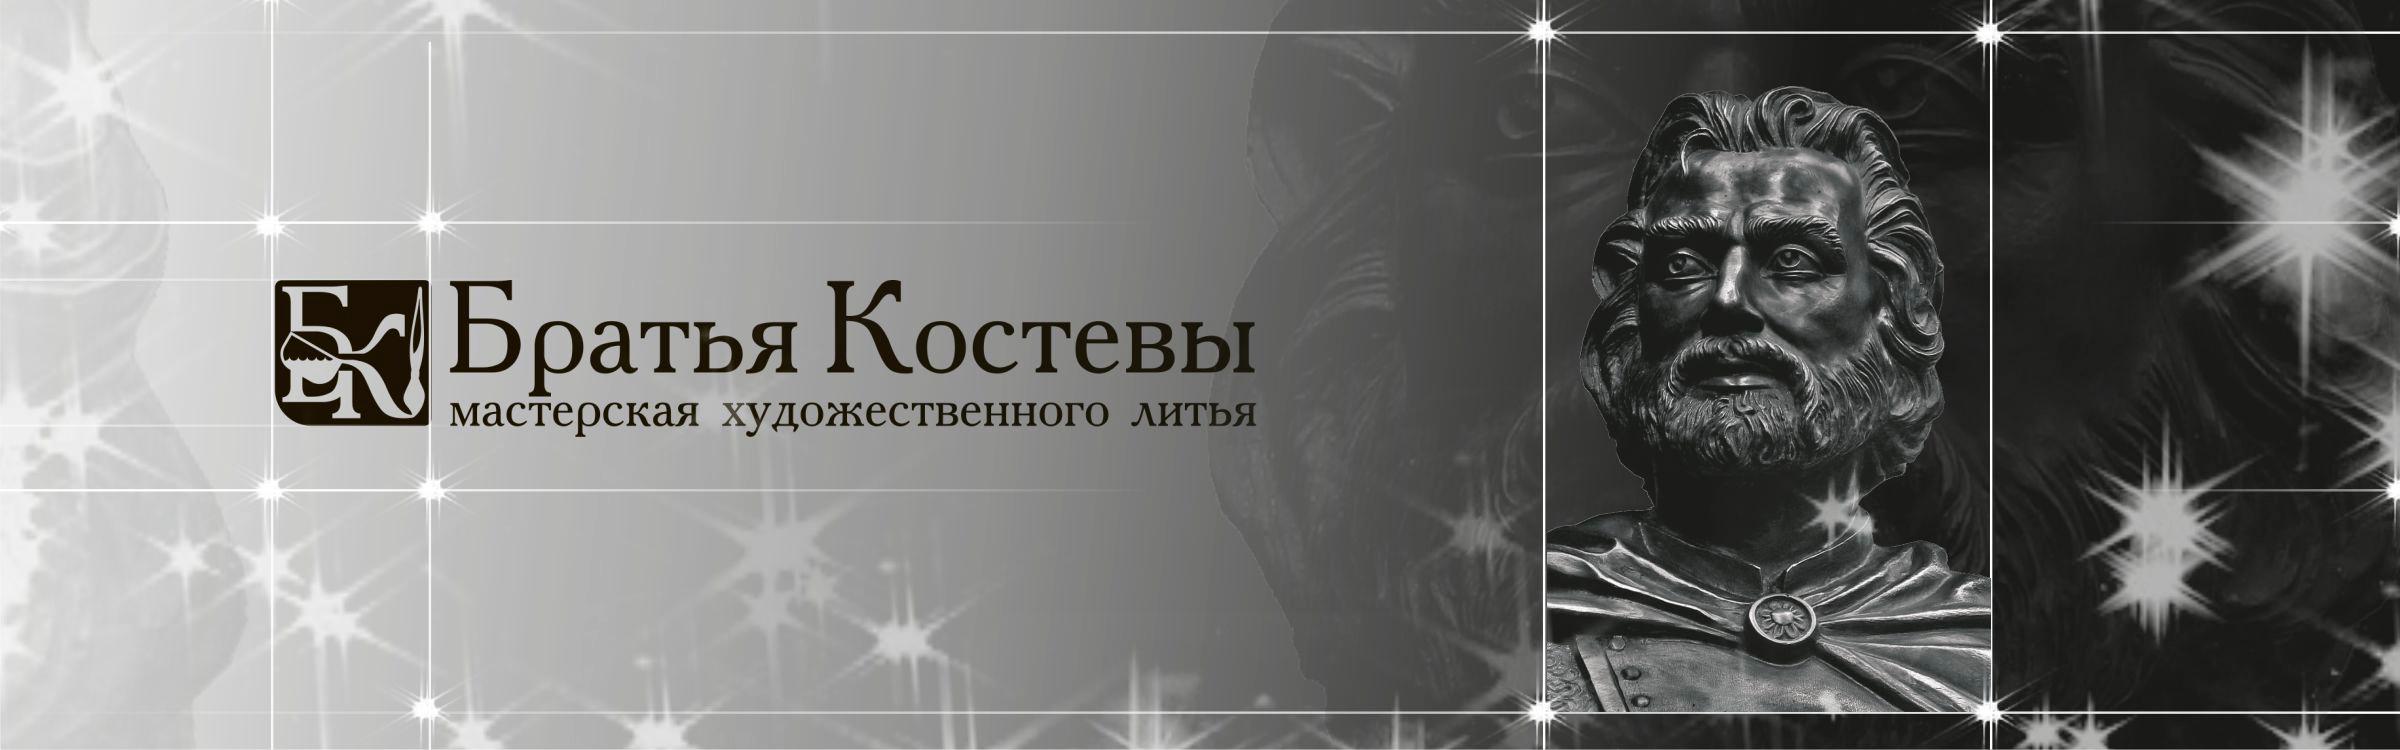 художественное литьё 'Братья Костевы - художественное литьё' в Ростове-на-Дону. Главная страница